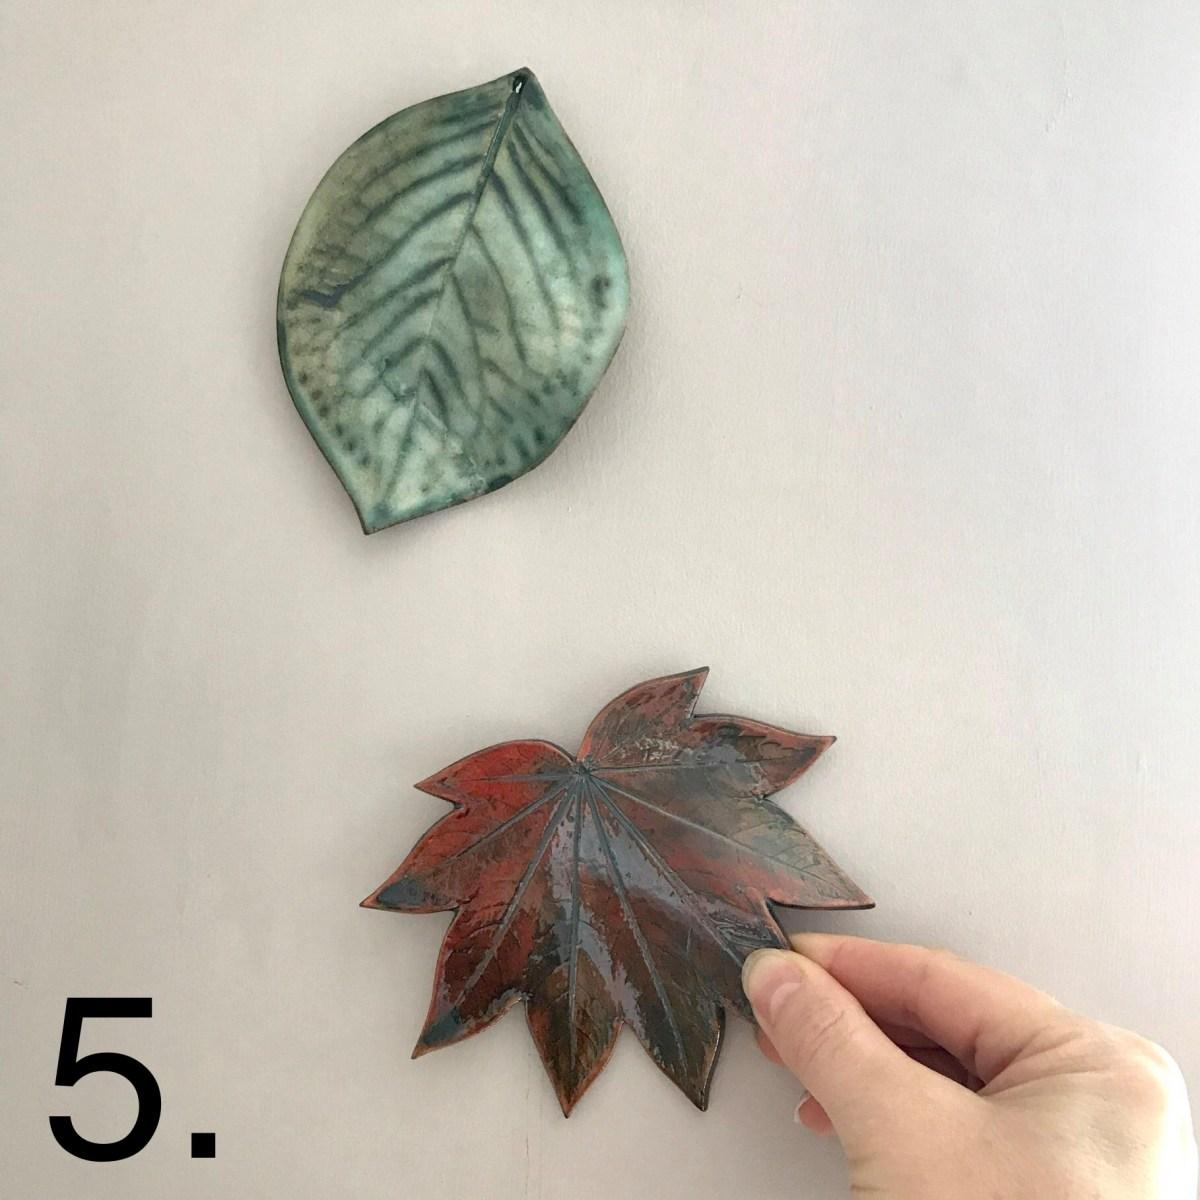 Hanging Leaf Wall Decor By Sonya Ceramic Art